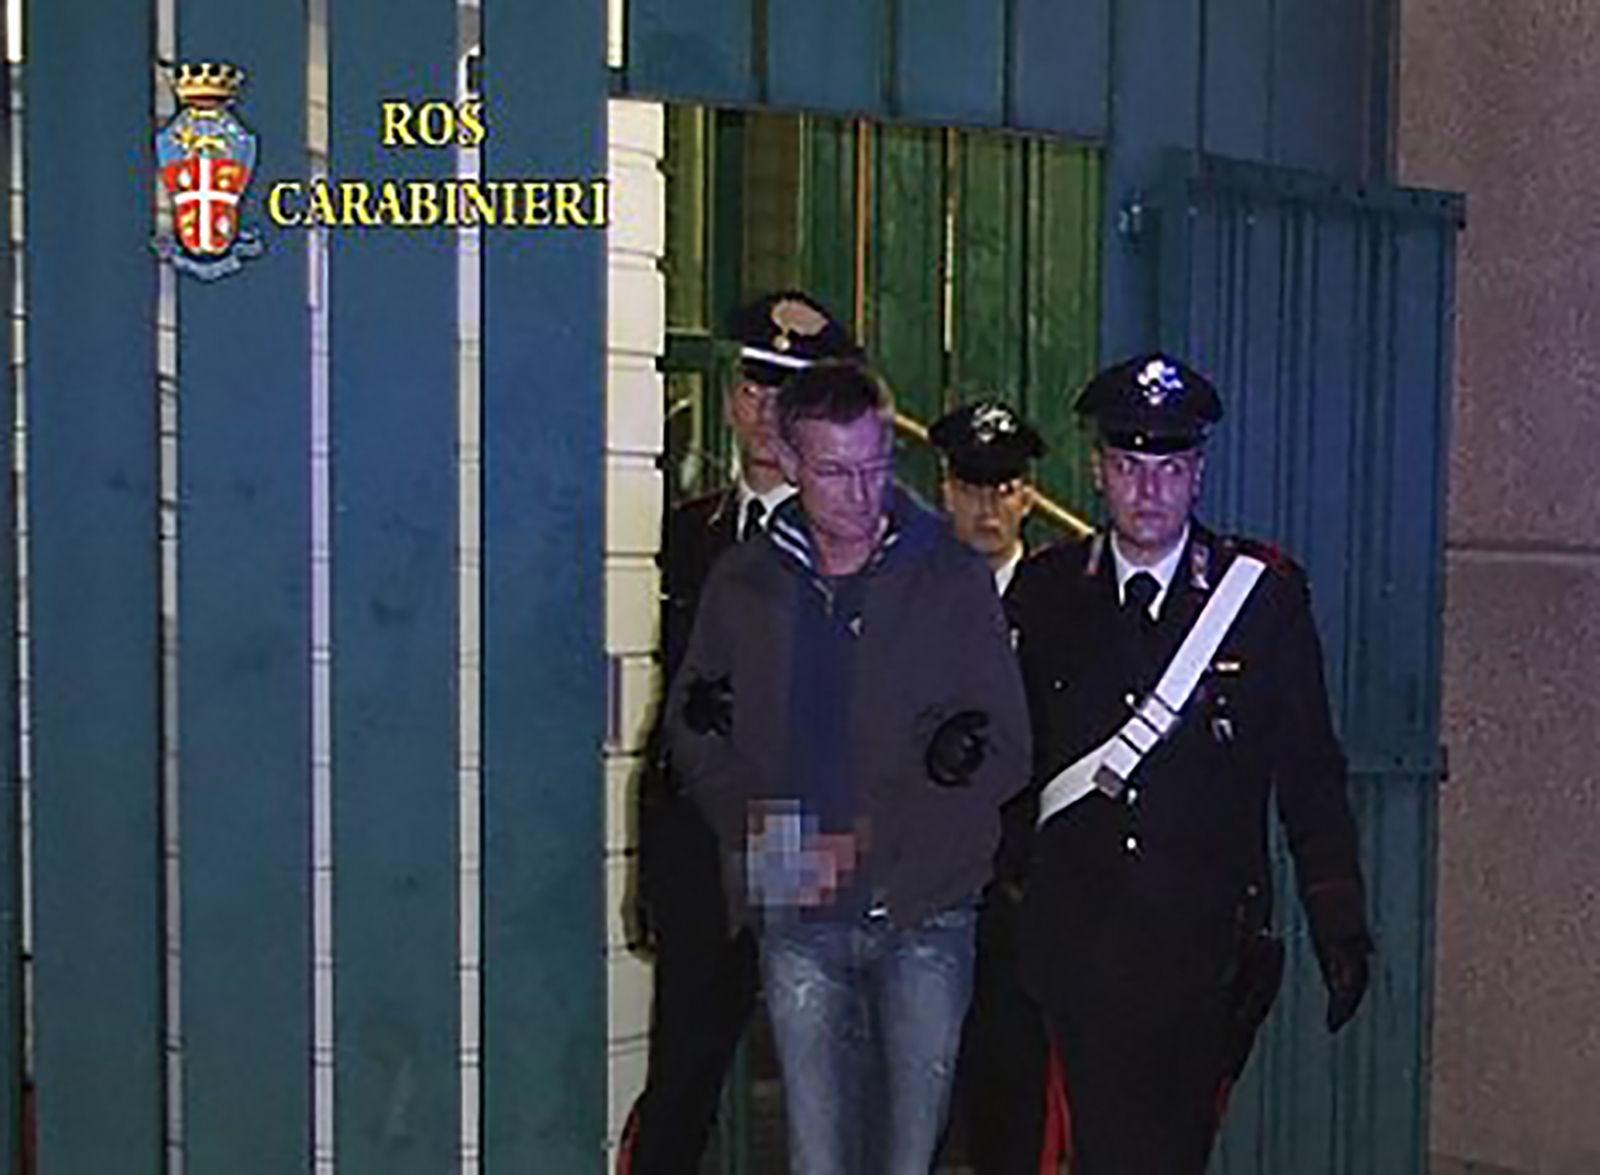 Massimo Carminati of 'Mafia Capitale'